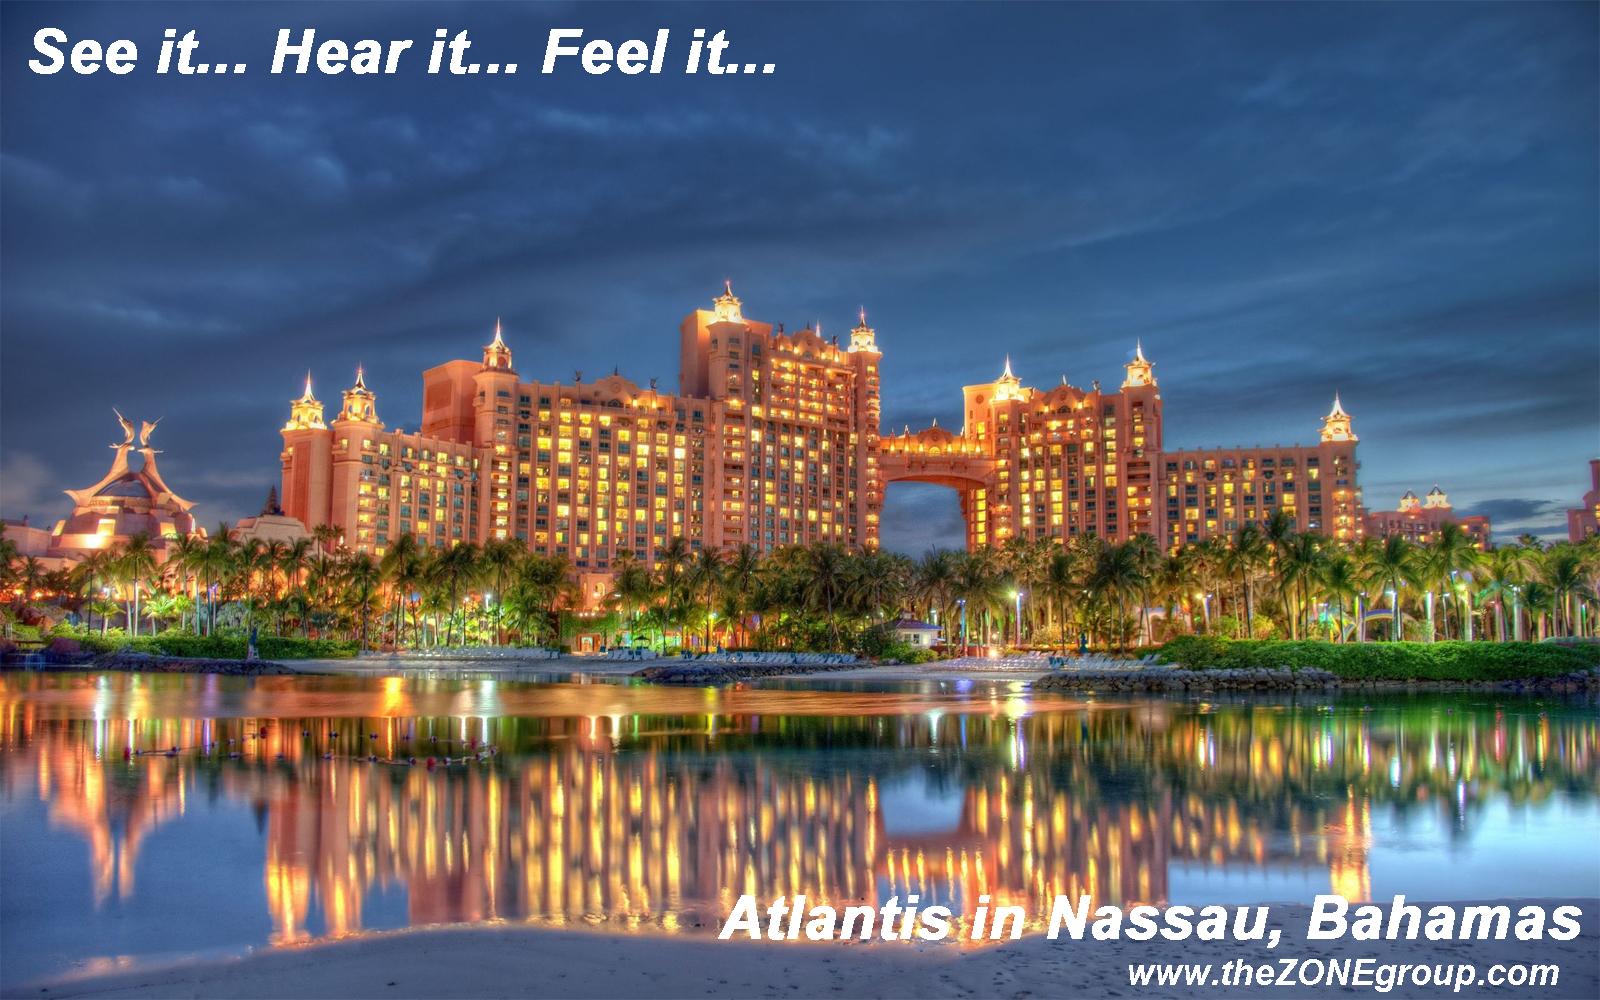 tzg_atlantis_nassau_bahamas